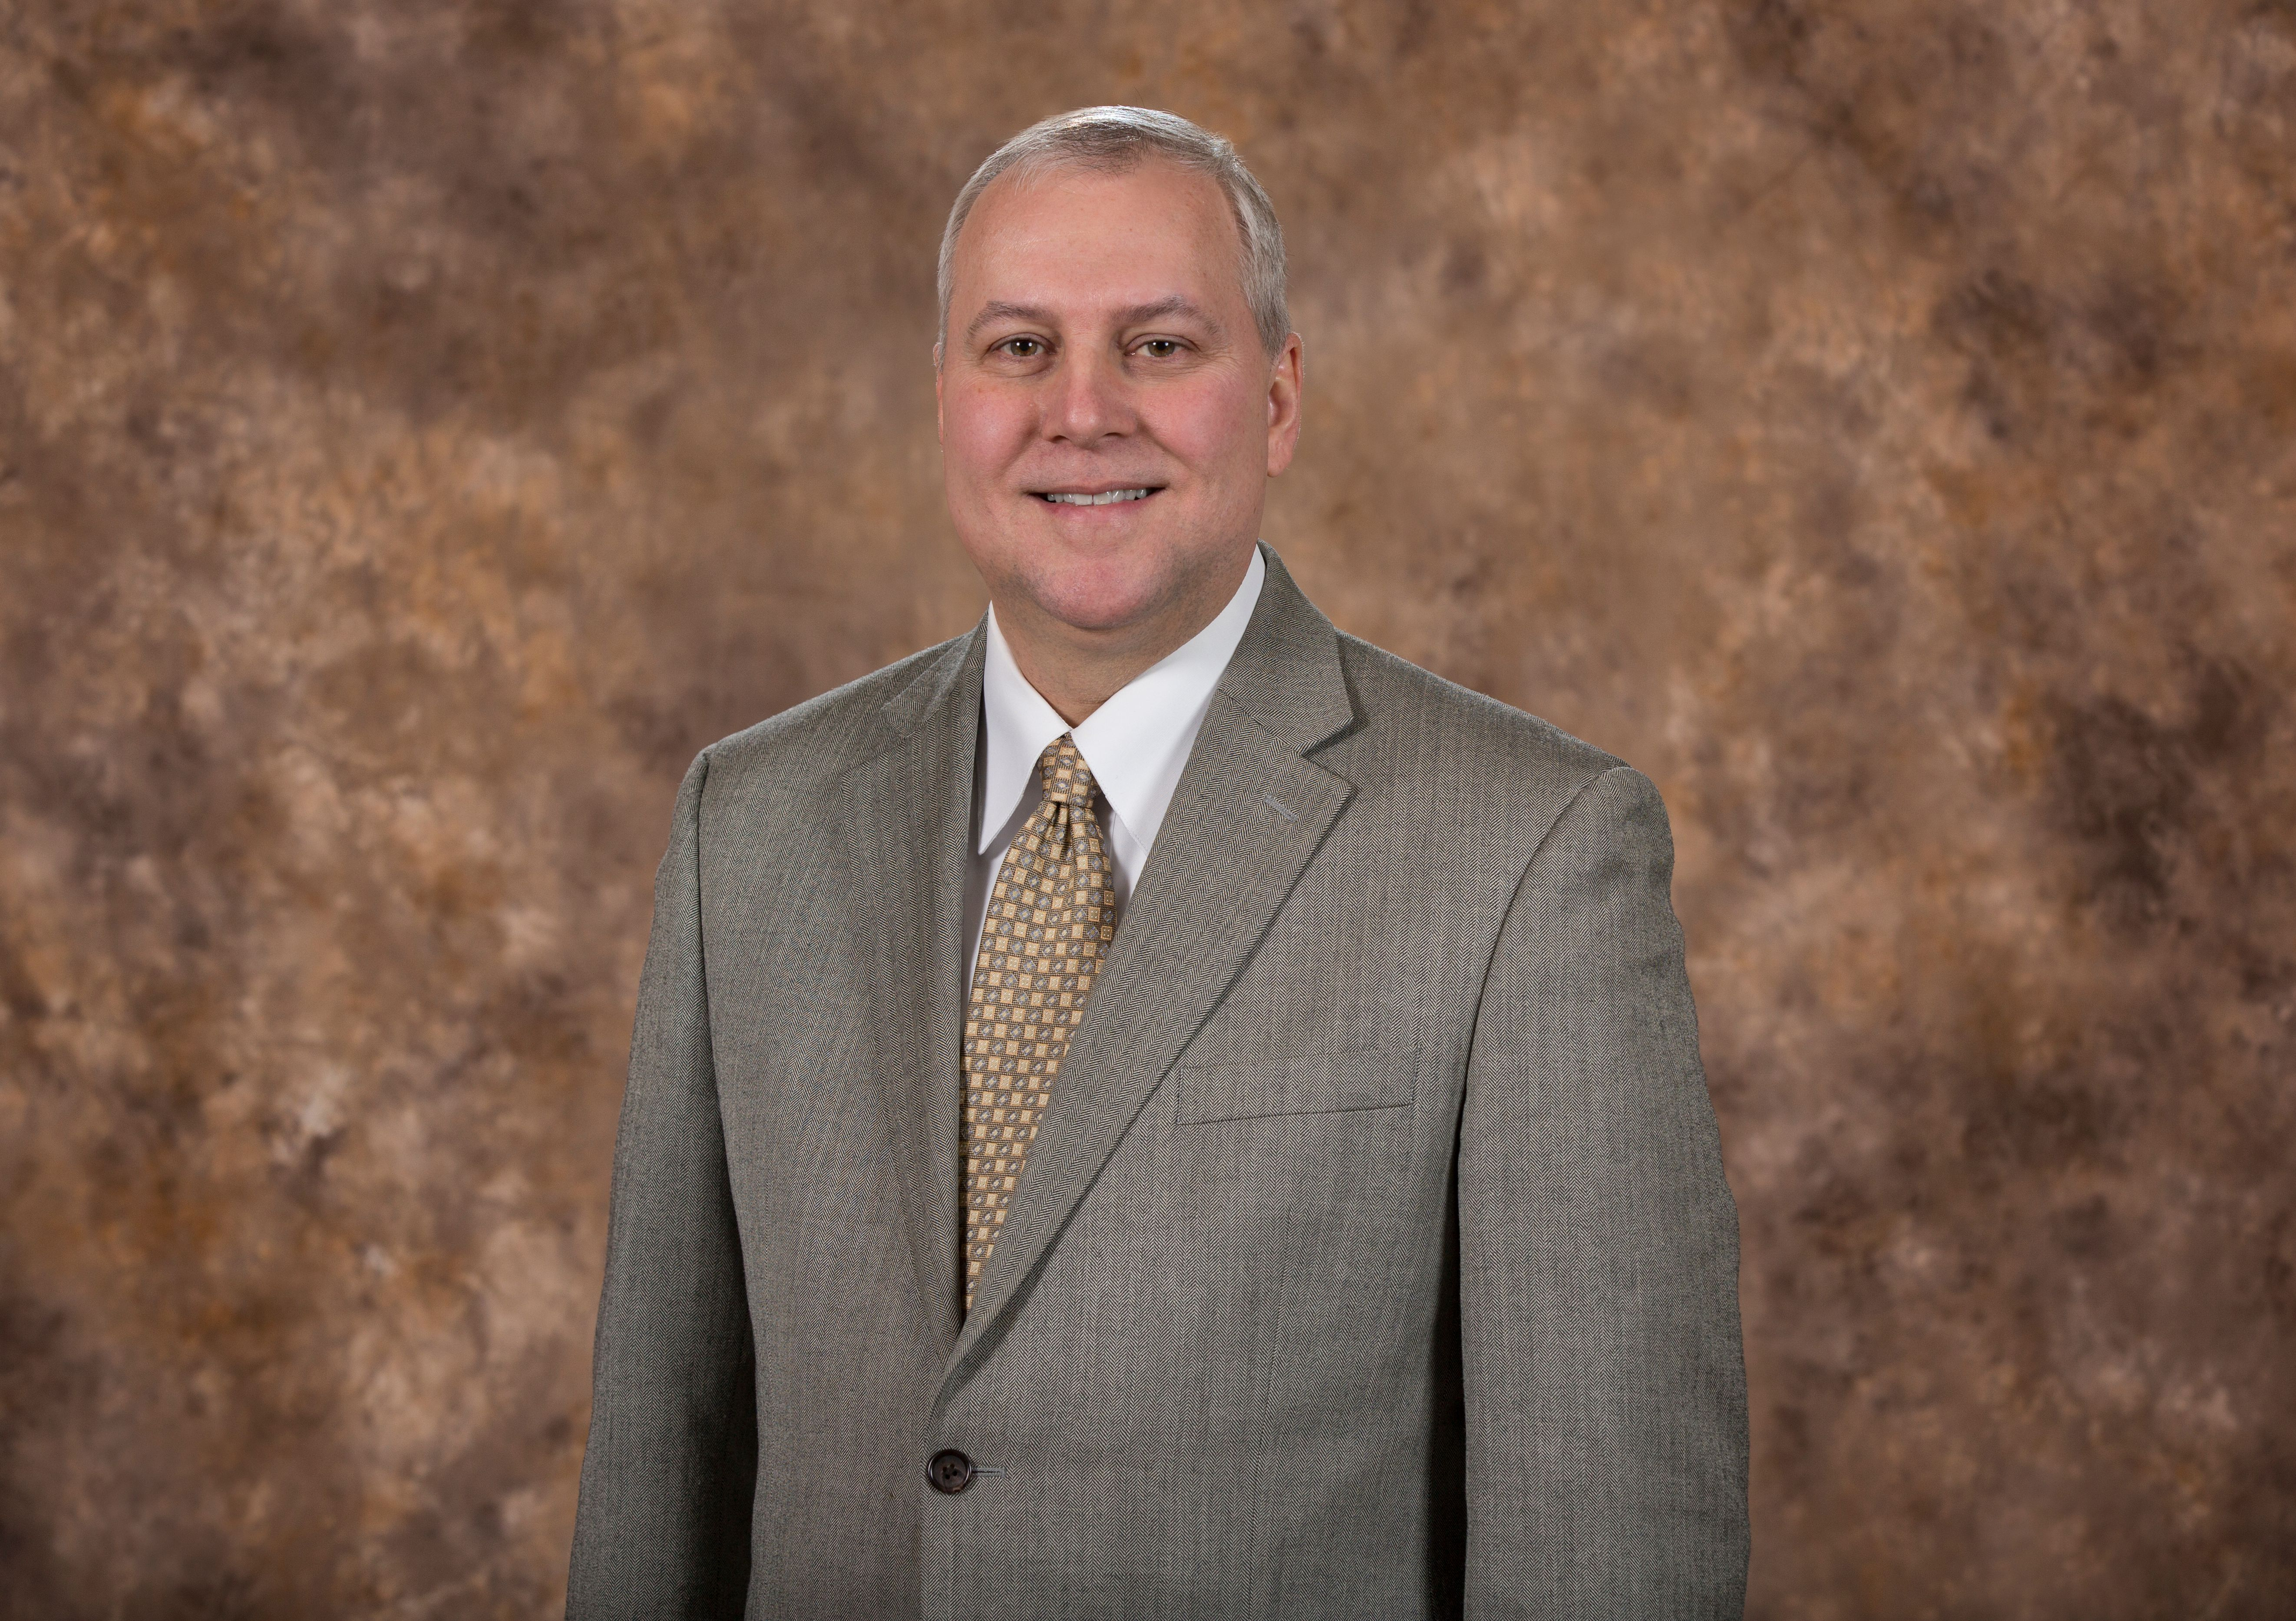 Robert Abraham